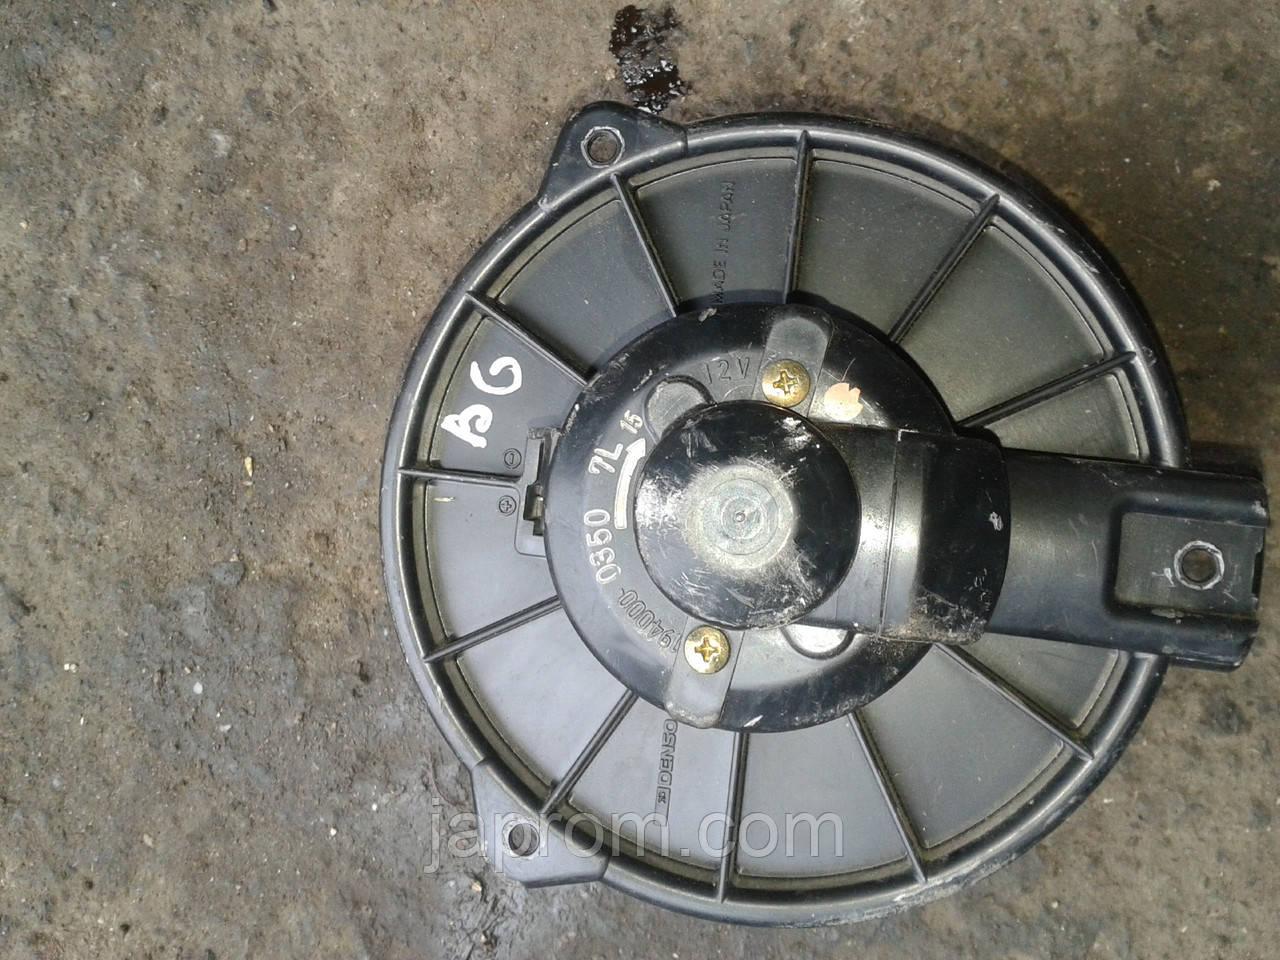 Моторчик печки мотор вентилятор печки отопителя Mazda 323 BG 1988-1994 г.в. DENSO